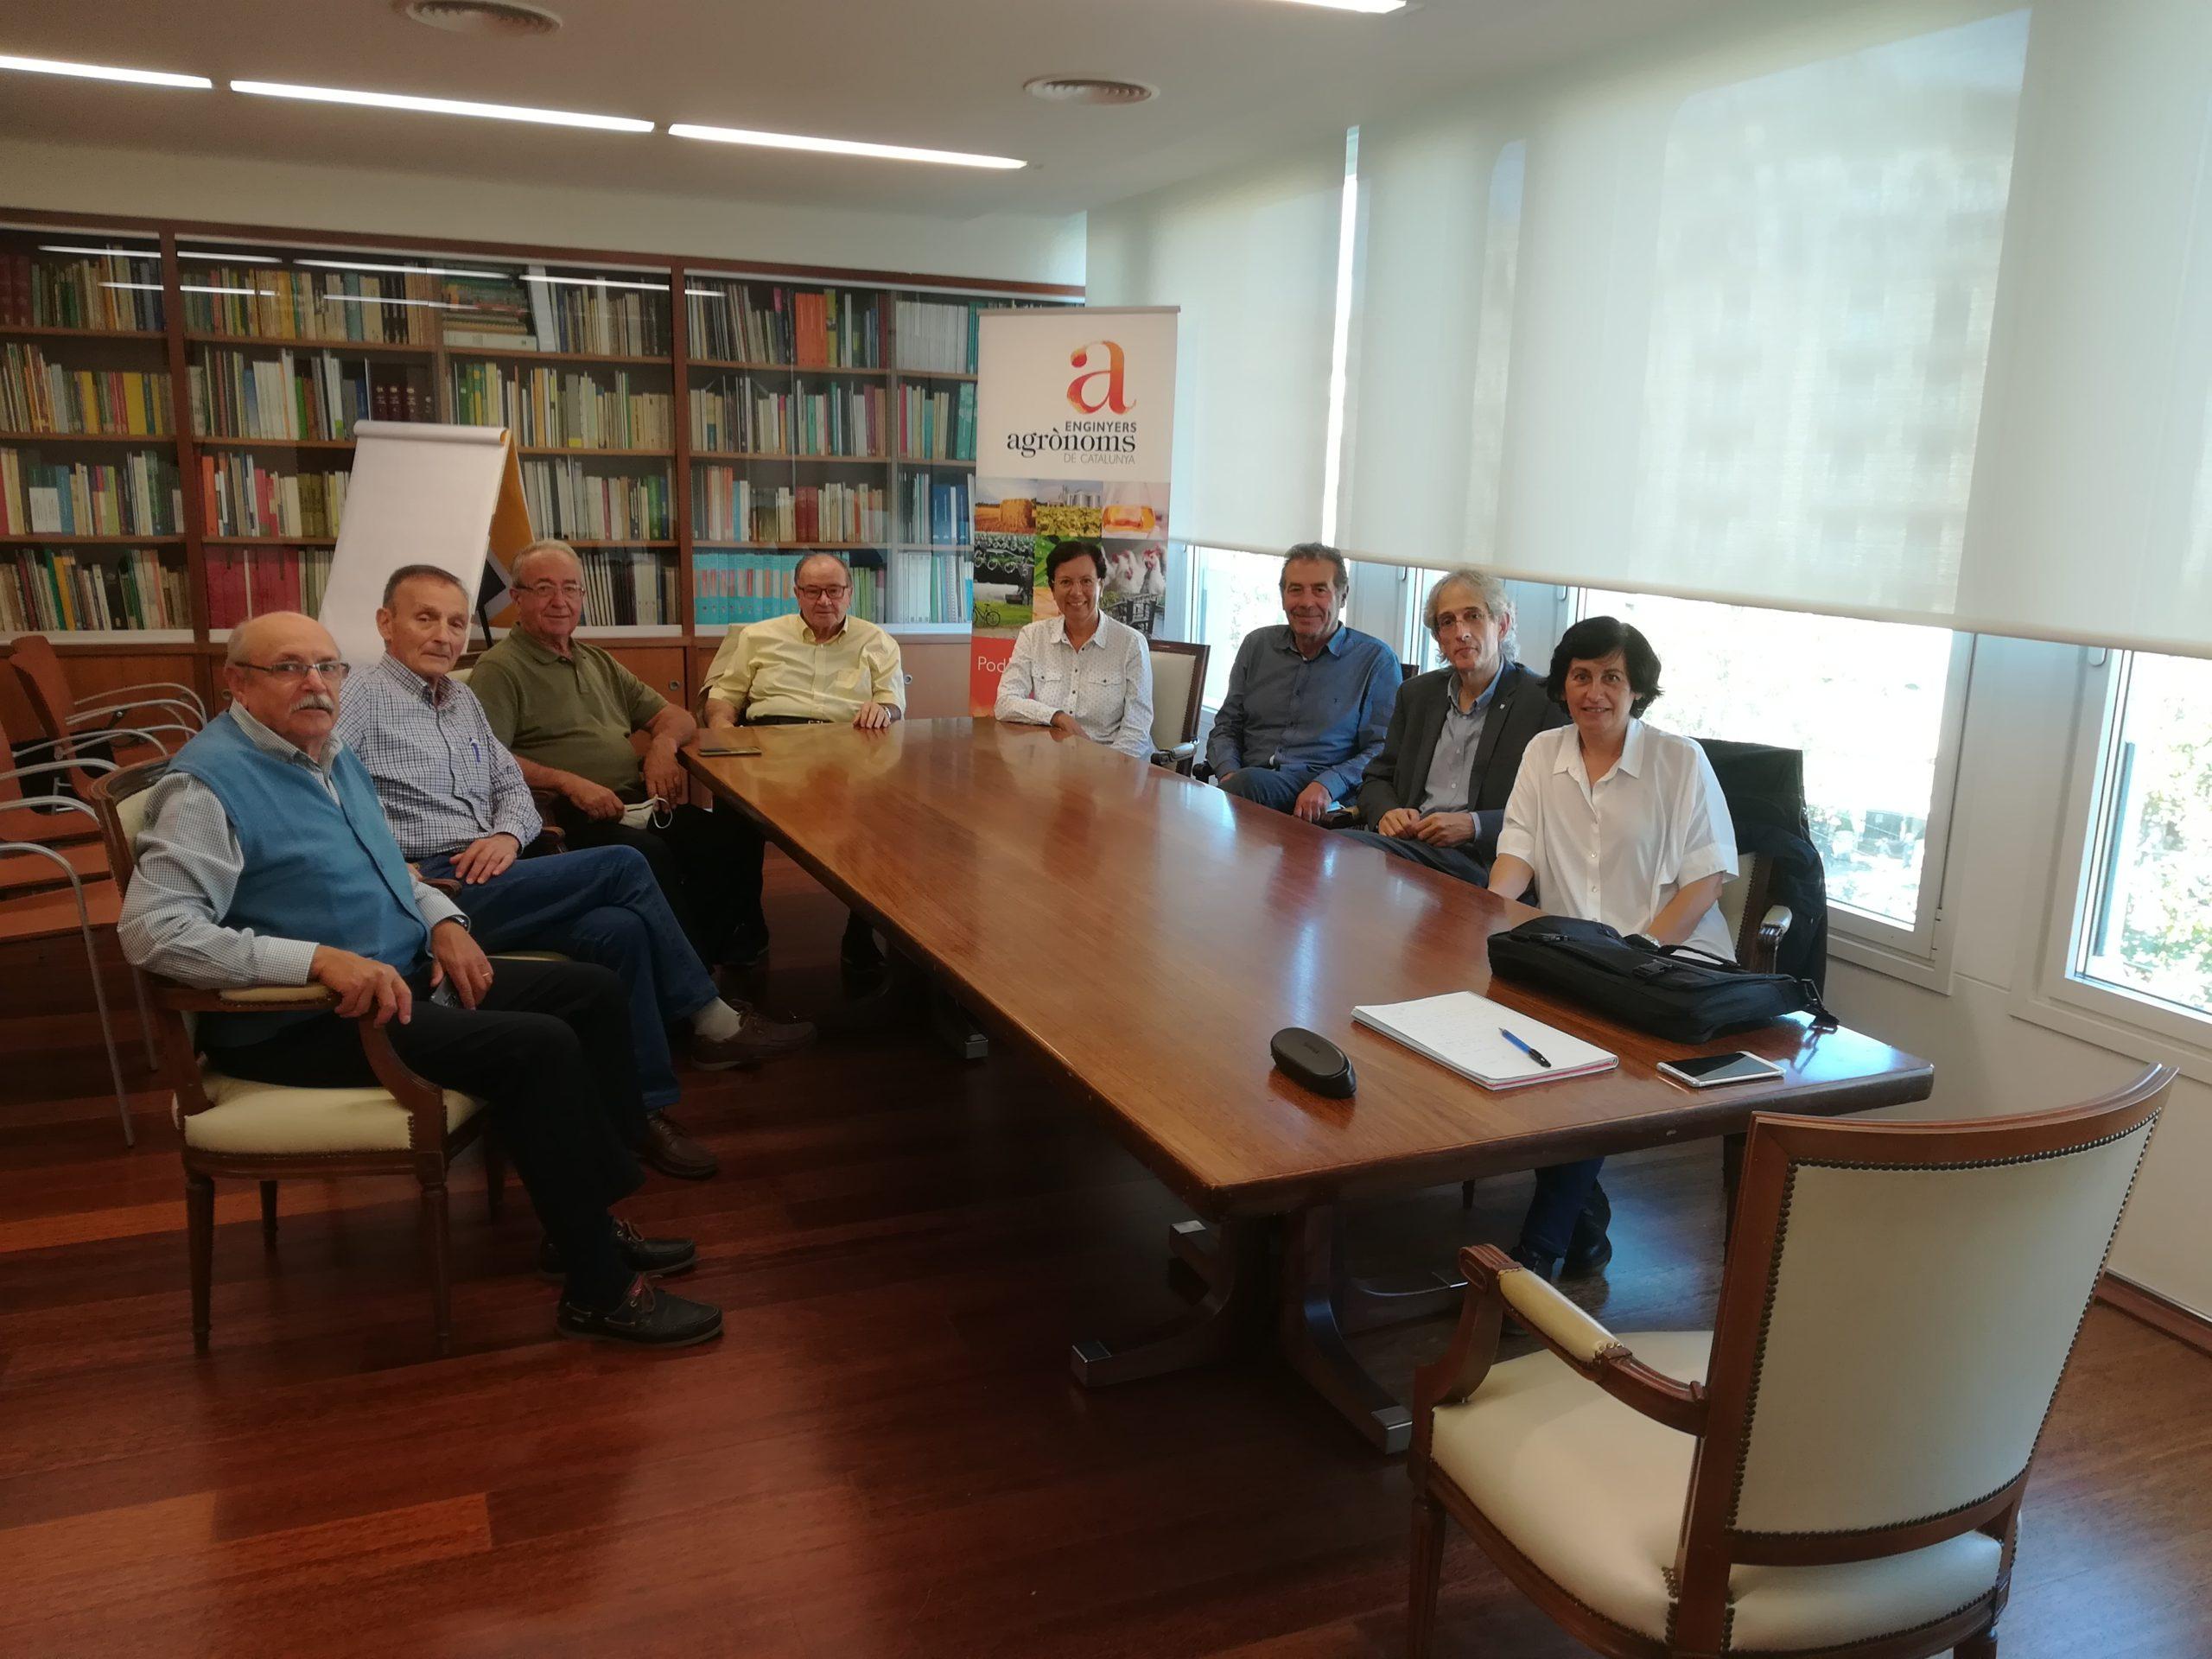 La Comissió d'Agrosèniors es reuneix amb el Secretari d'Agenda Rural del DACC, Oriol Anson